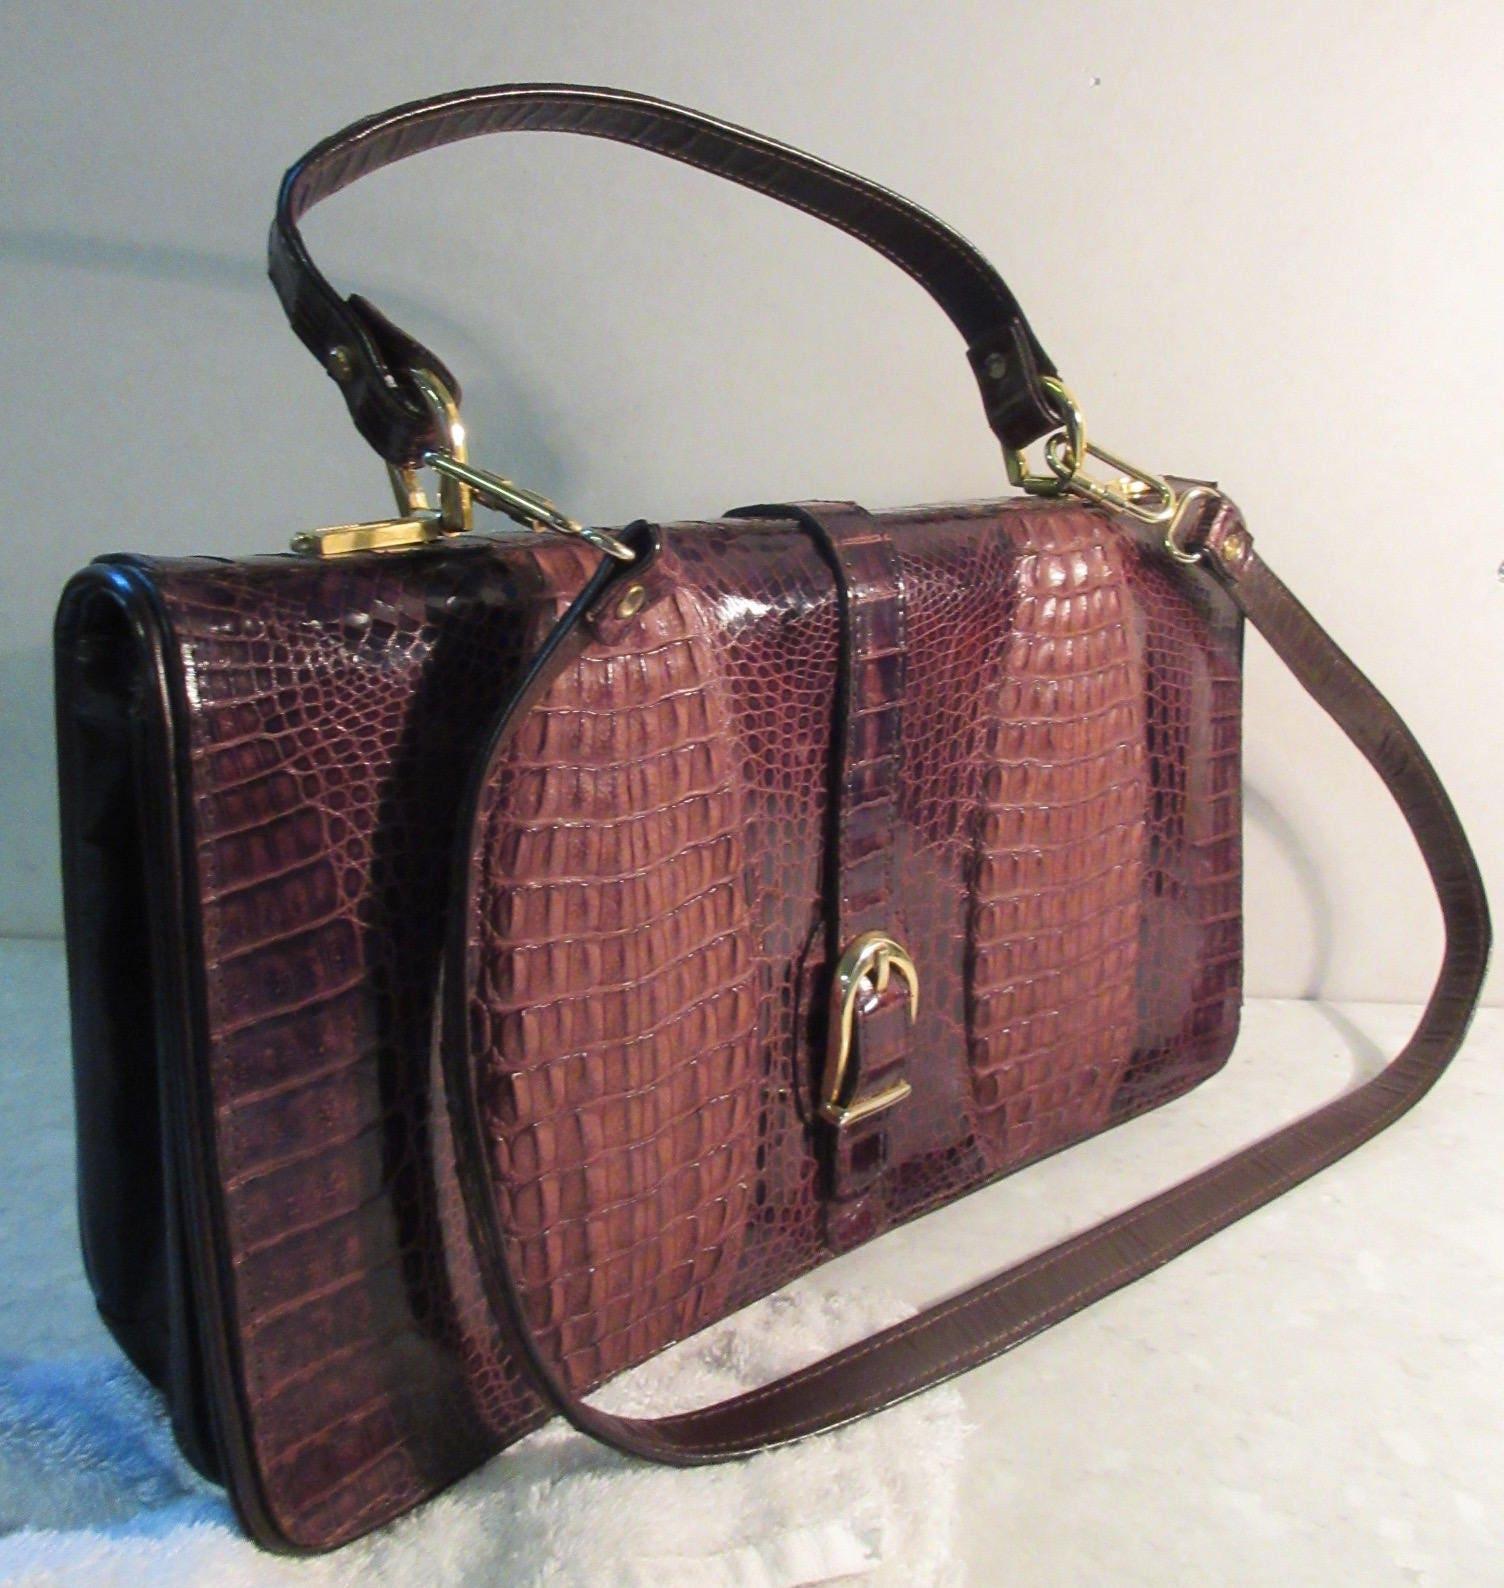 Vintage Early 1970s Alligatorskin Handbag With Short Strap  Shoulder Strap  STUNNING!!